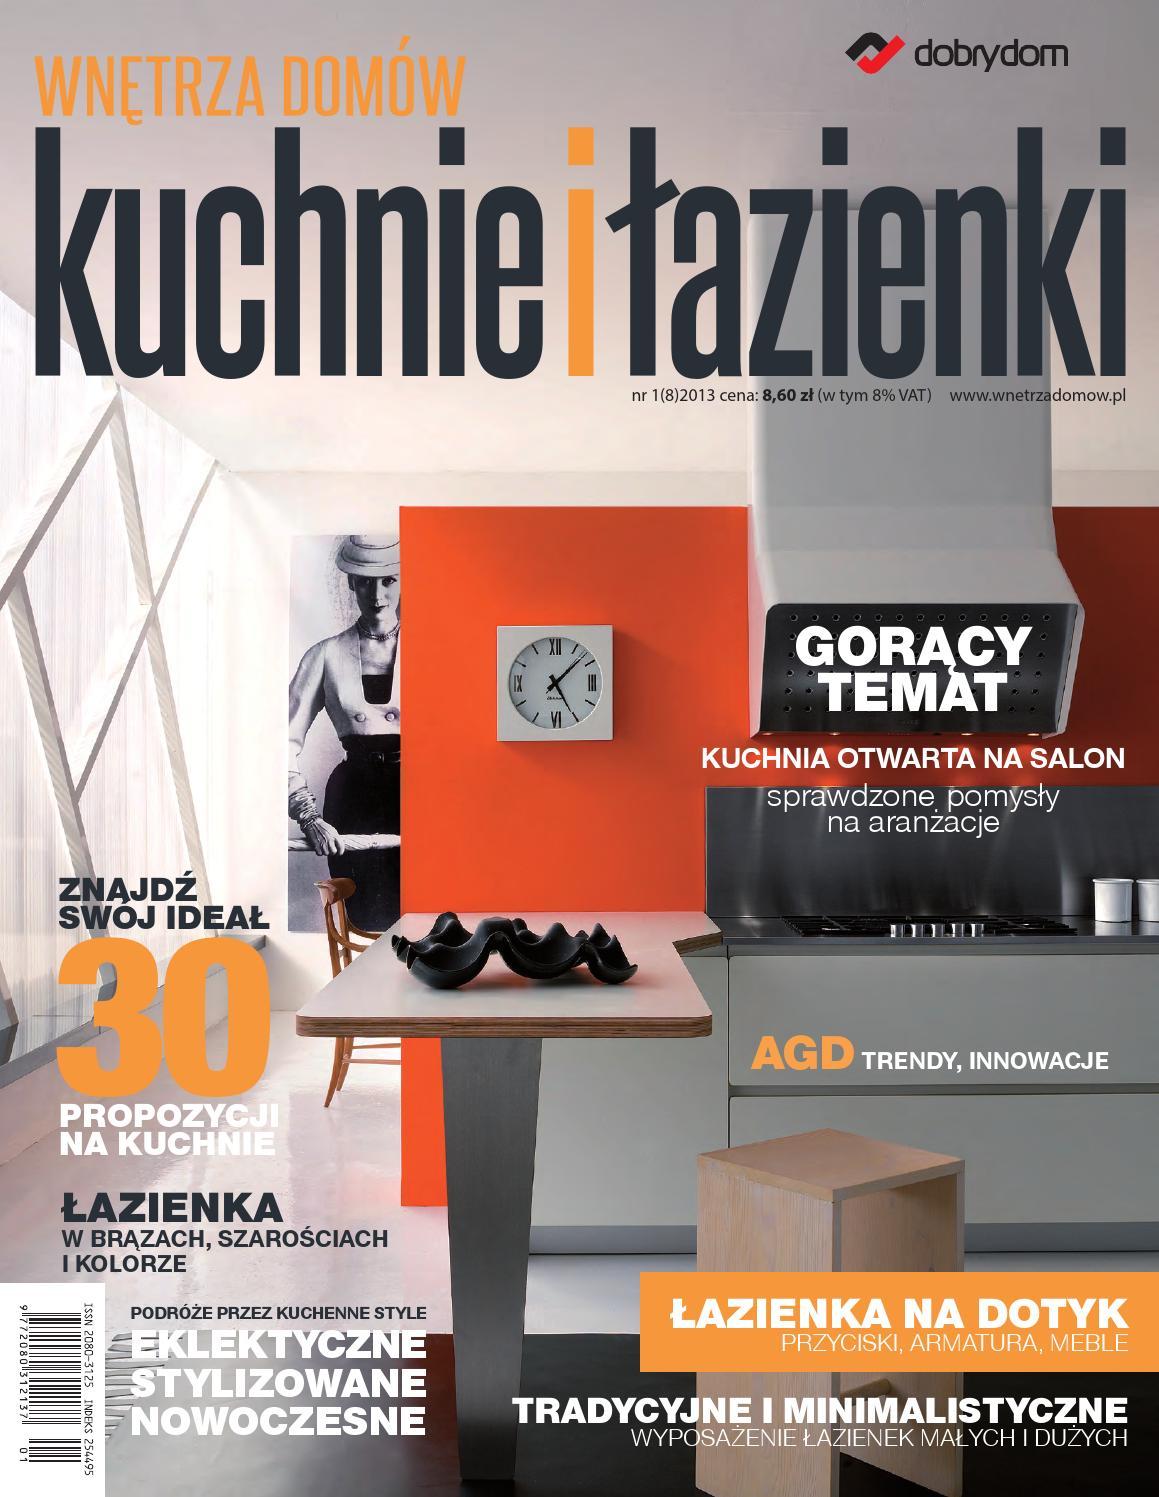 Ikea kuchnie i agd 2015 do23 07 15 by Finmarket - issuu